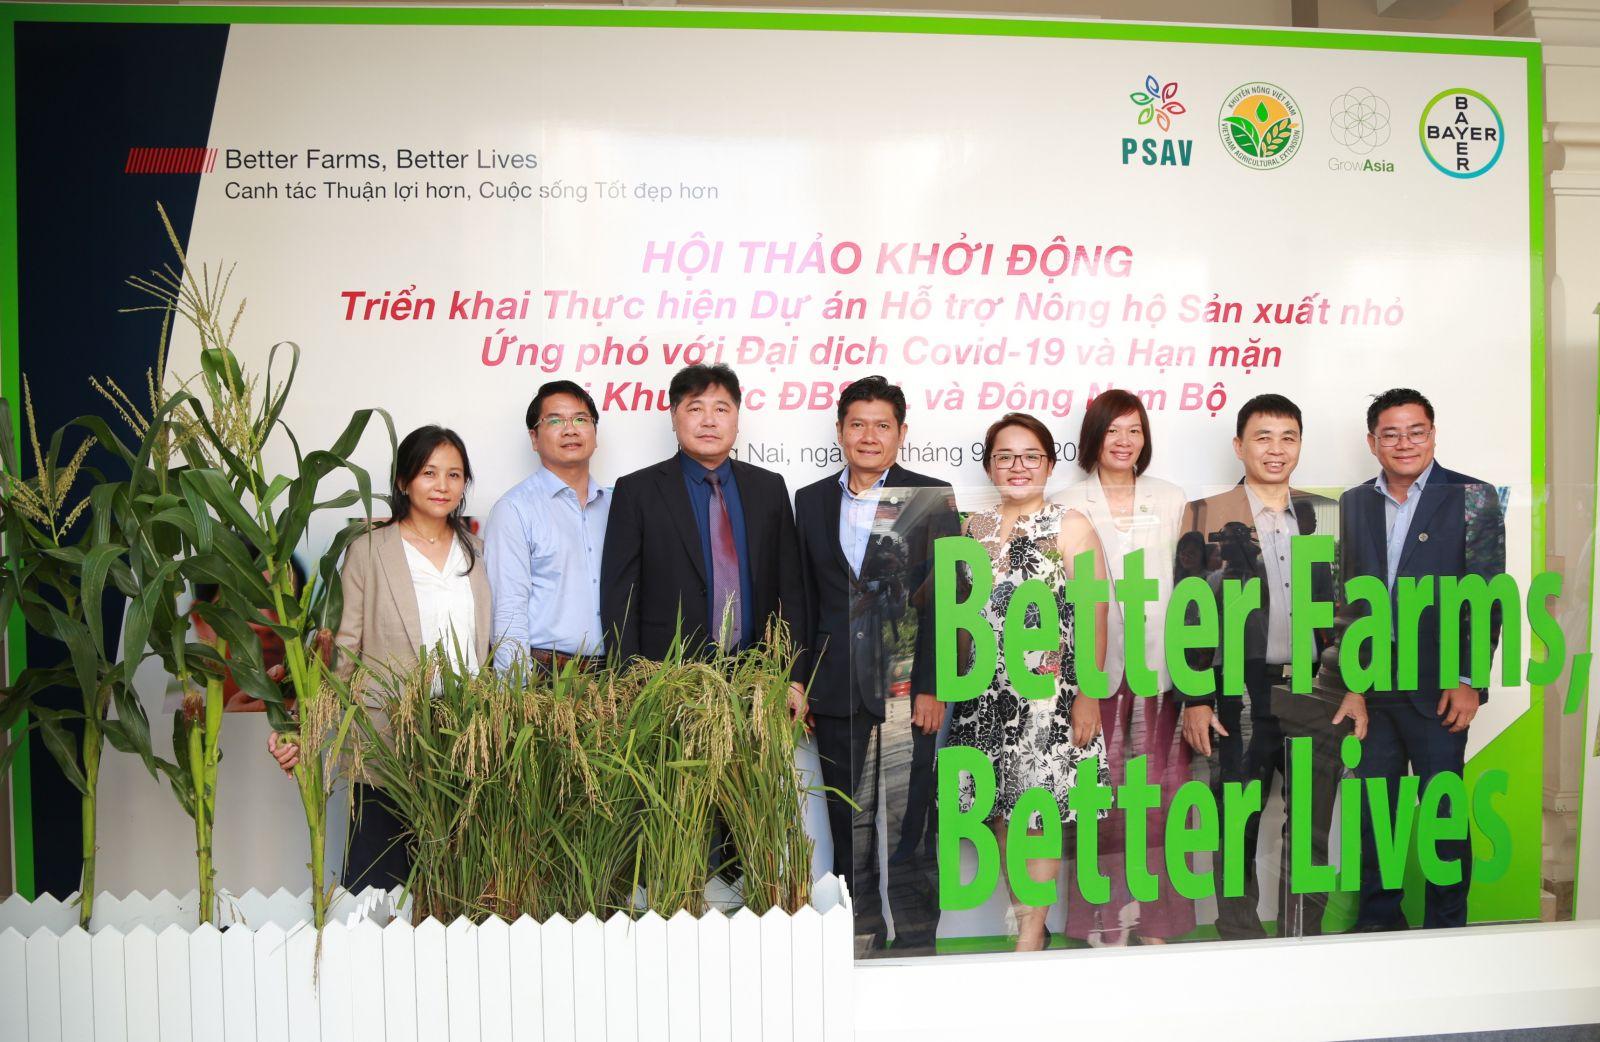 """Đại diện ban dự án """"Better Farms, Better Lives"""